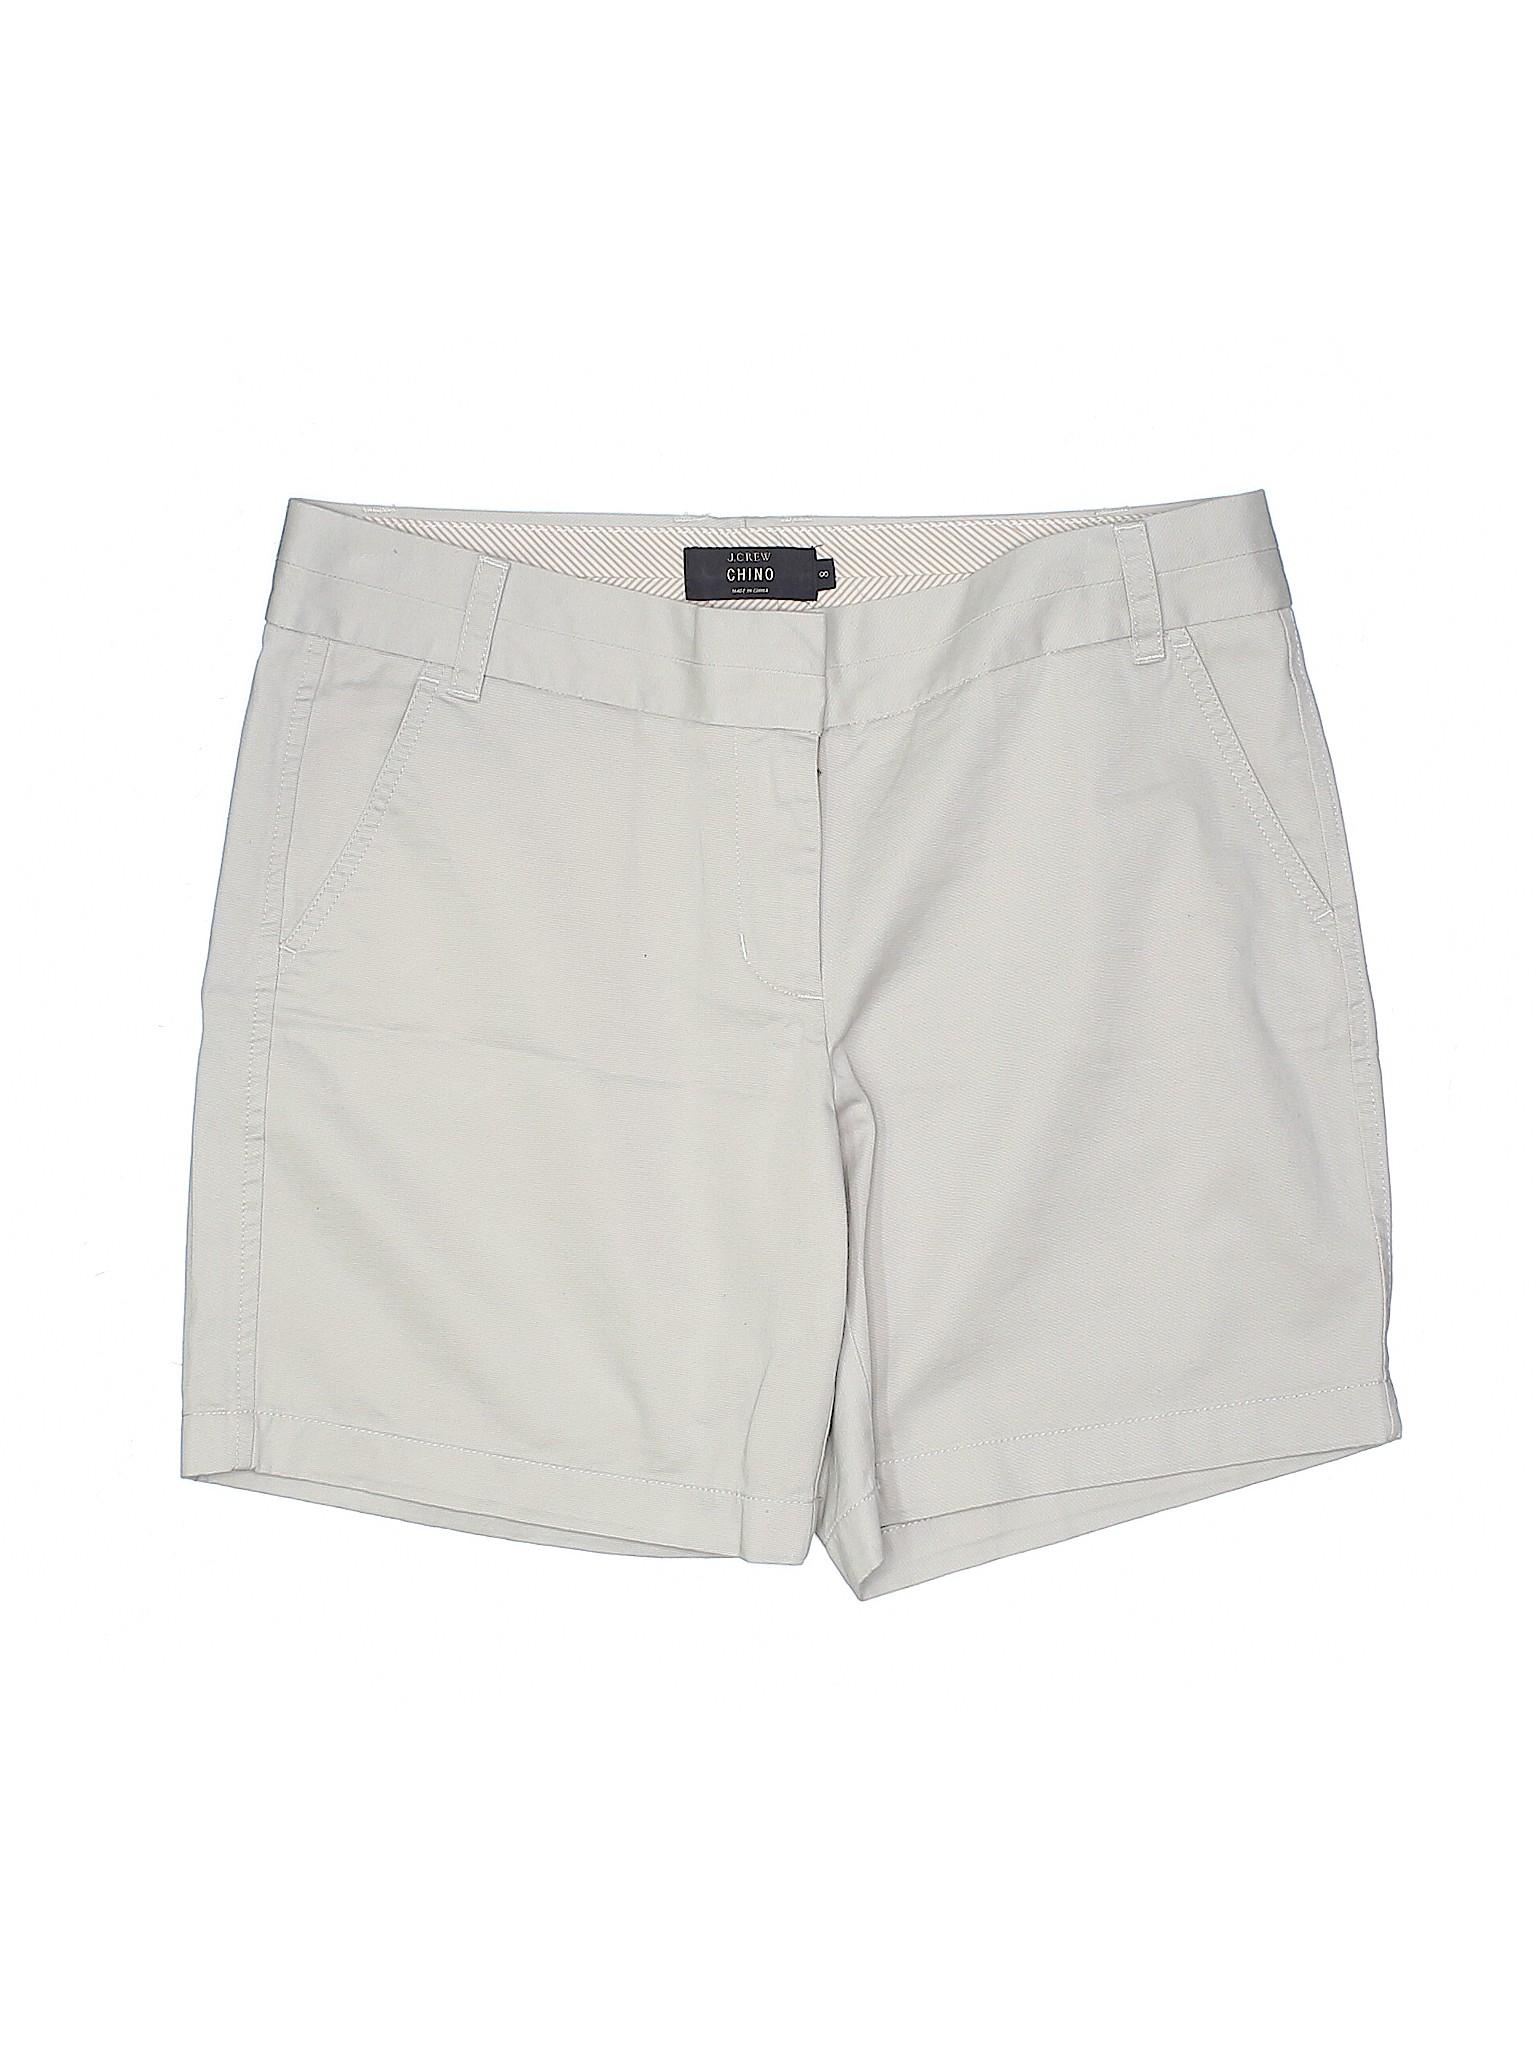 Shorts J Boutique Shorts Crew Khaki J Boutique Crew Khaki Hqfzz